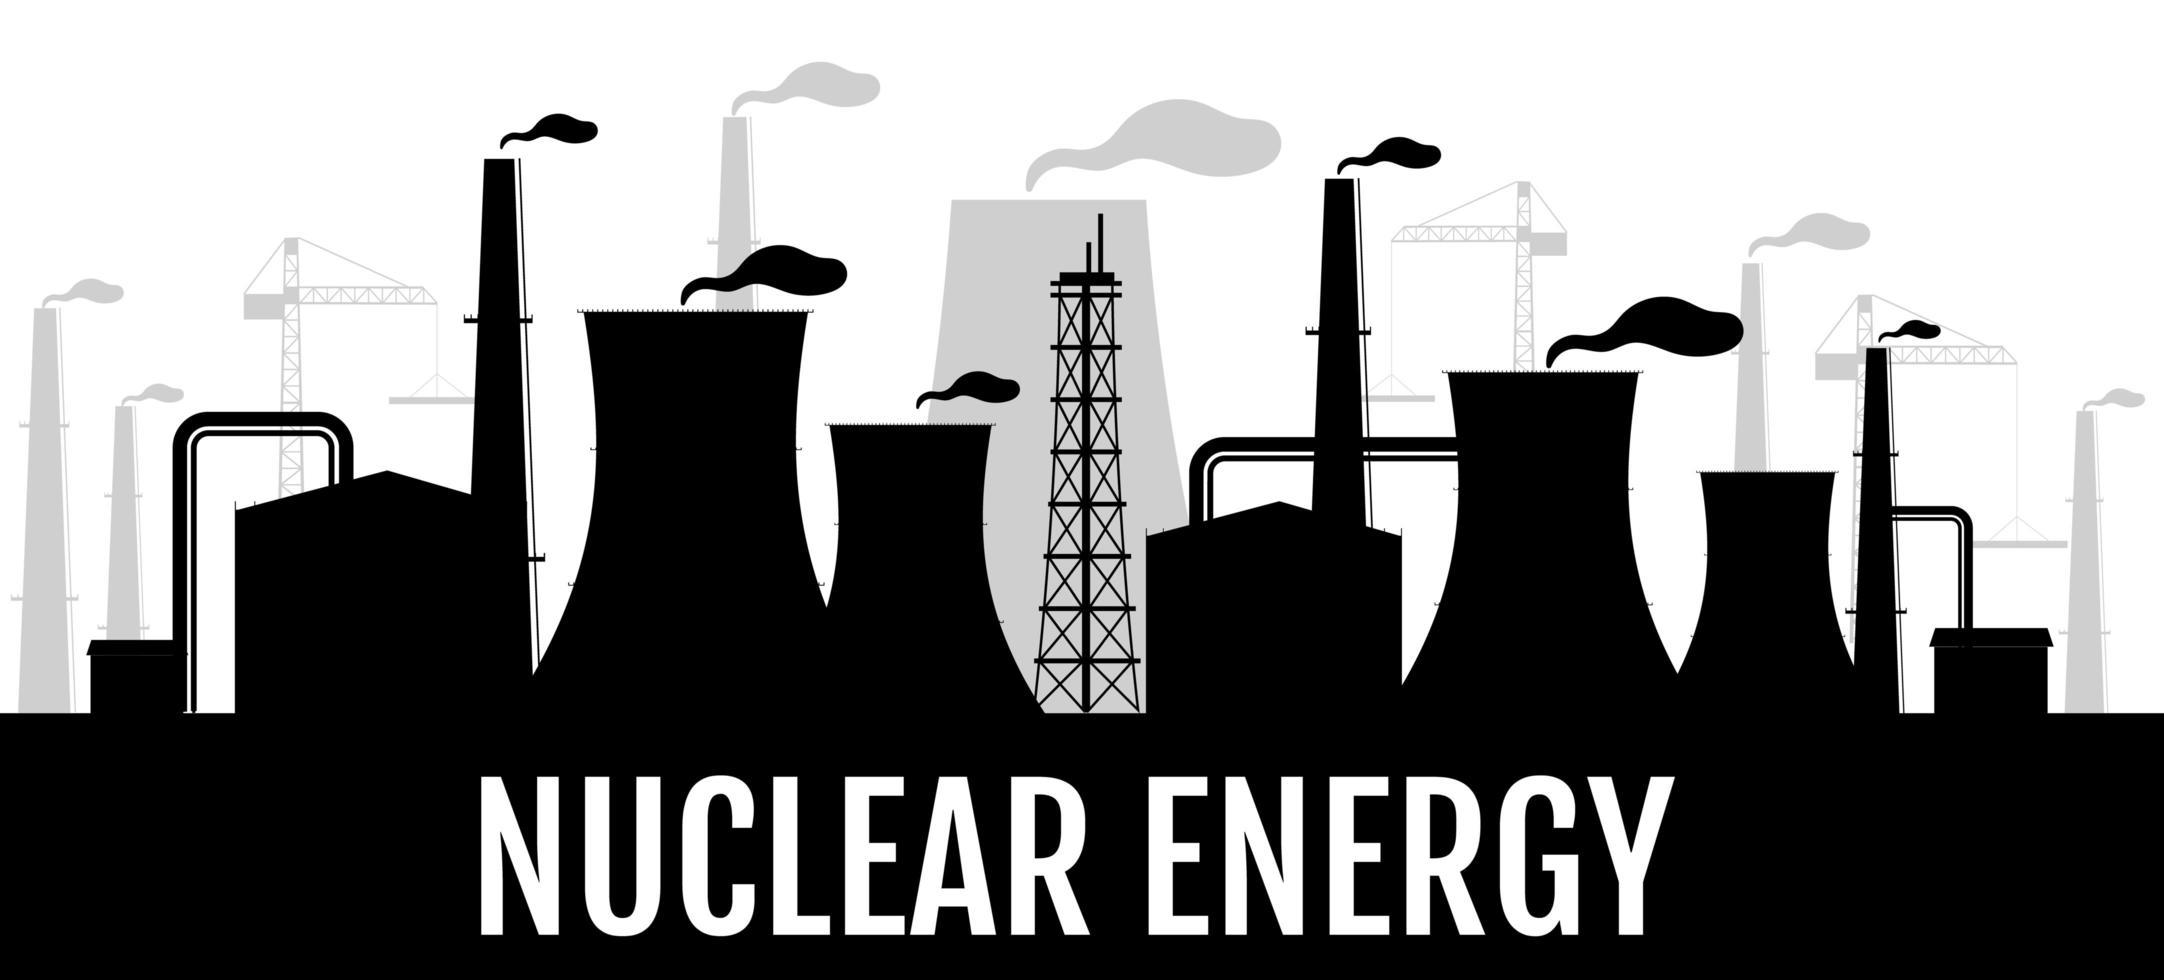 bannière de silhouette noire d'énergie nucléaire vecteur